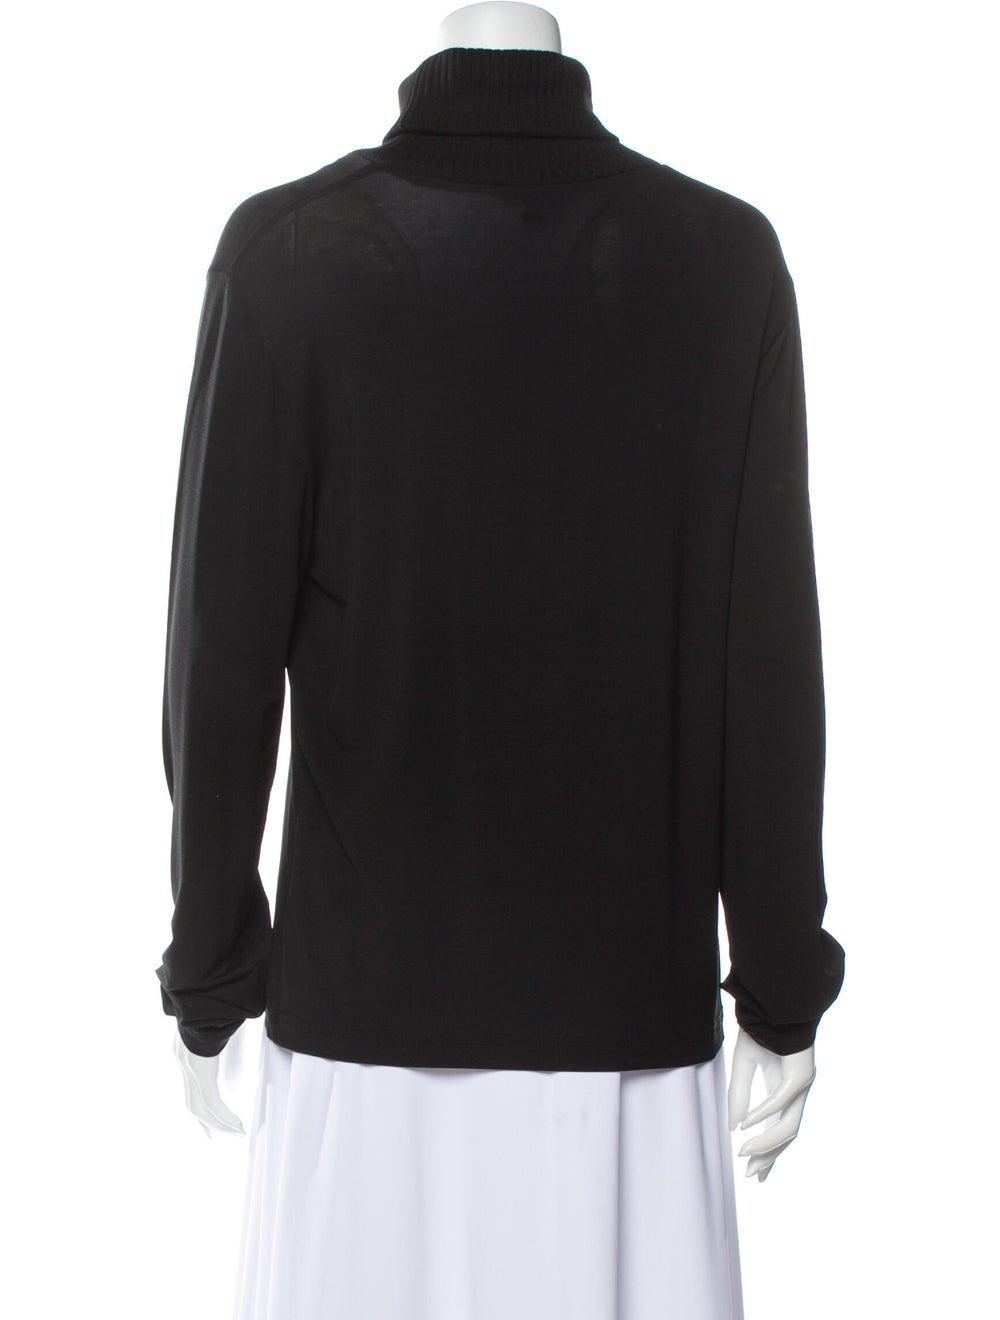 Escada Sport Turtleneck Sweater Black - image 3